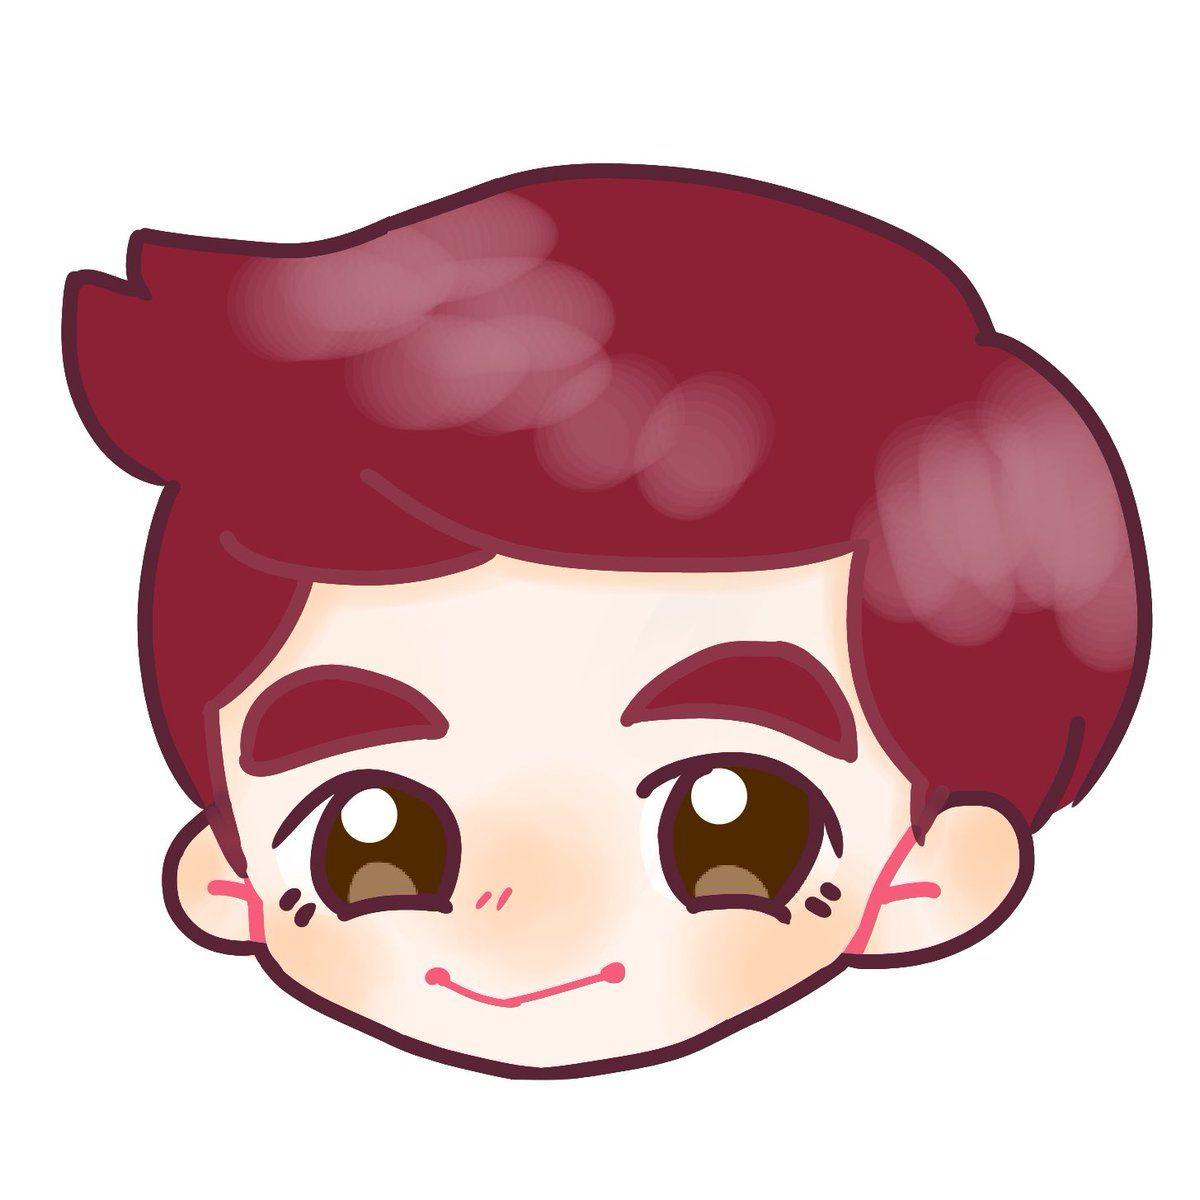 [fanart] UP10TION GYUJIN    © @SEA_SEA_CHAN #UP10TION  #fanart #업텐션  #오늘이딱이야 #GYUJIN #규진